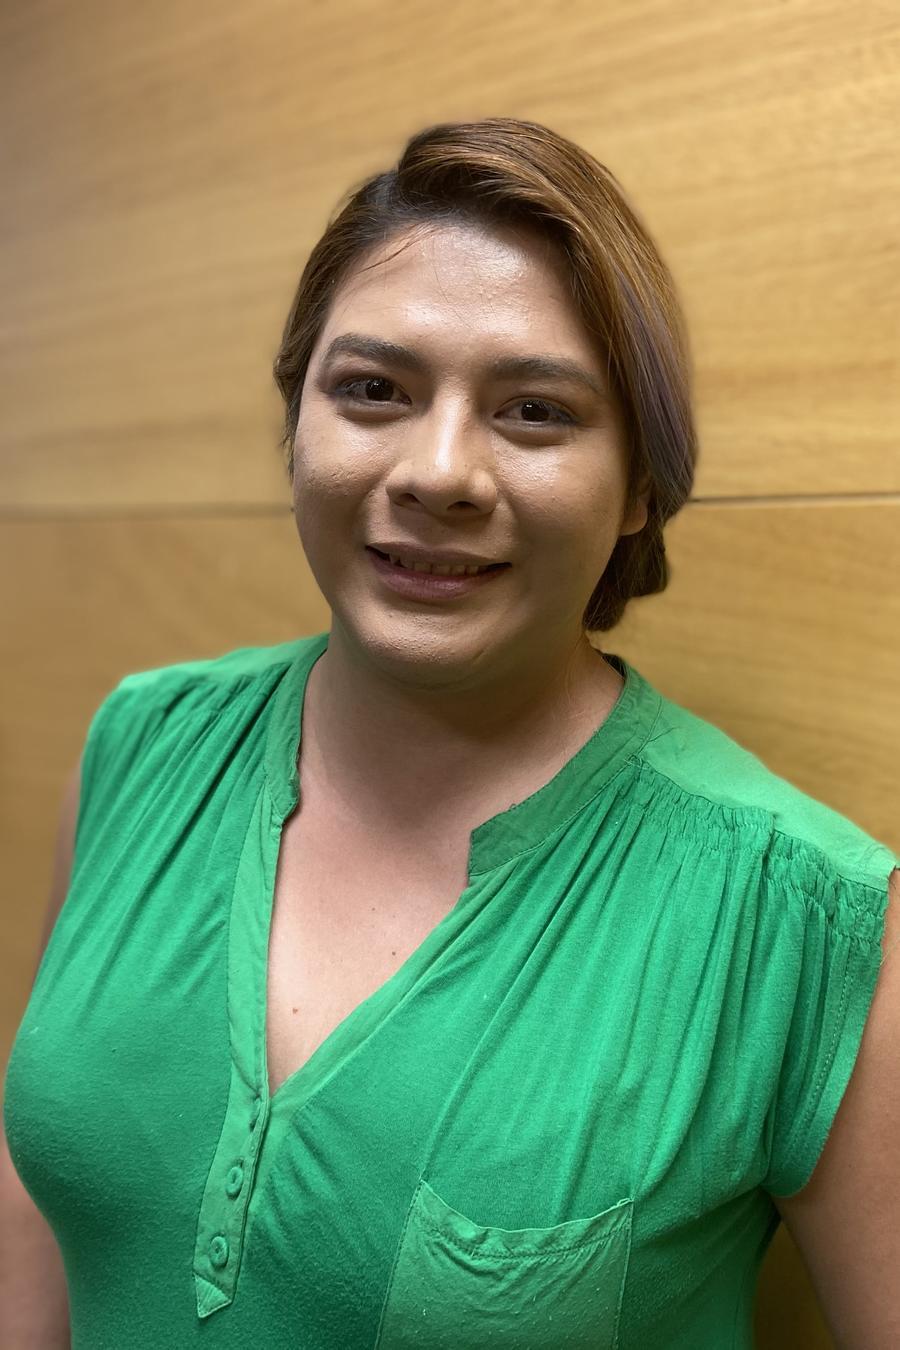 La activista trans salvadoreña, Bianka Rodríguez, asegura que la comunidad LGBTI afronta una grave situación de precariedad